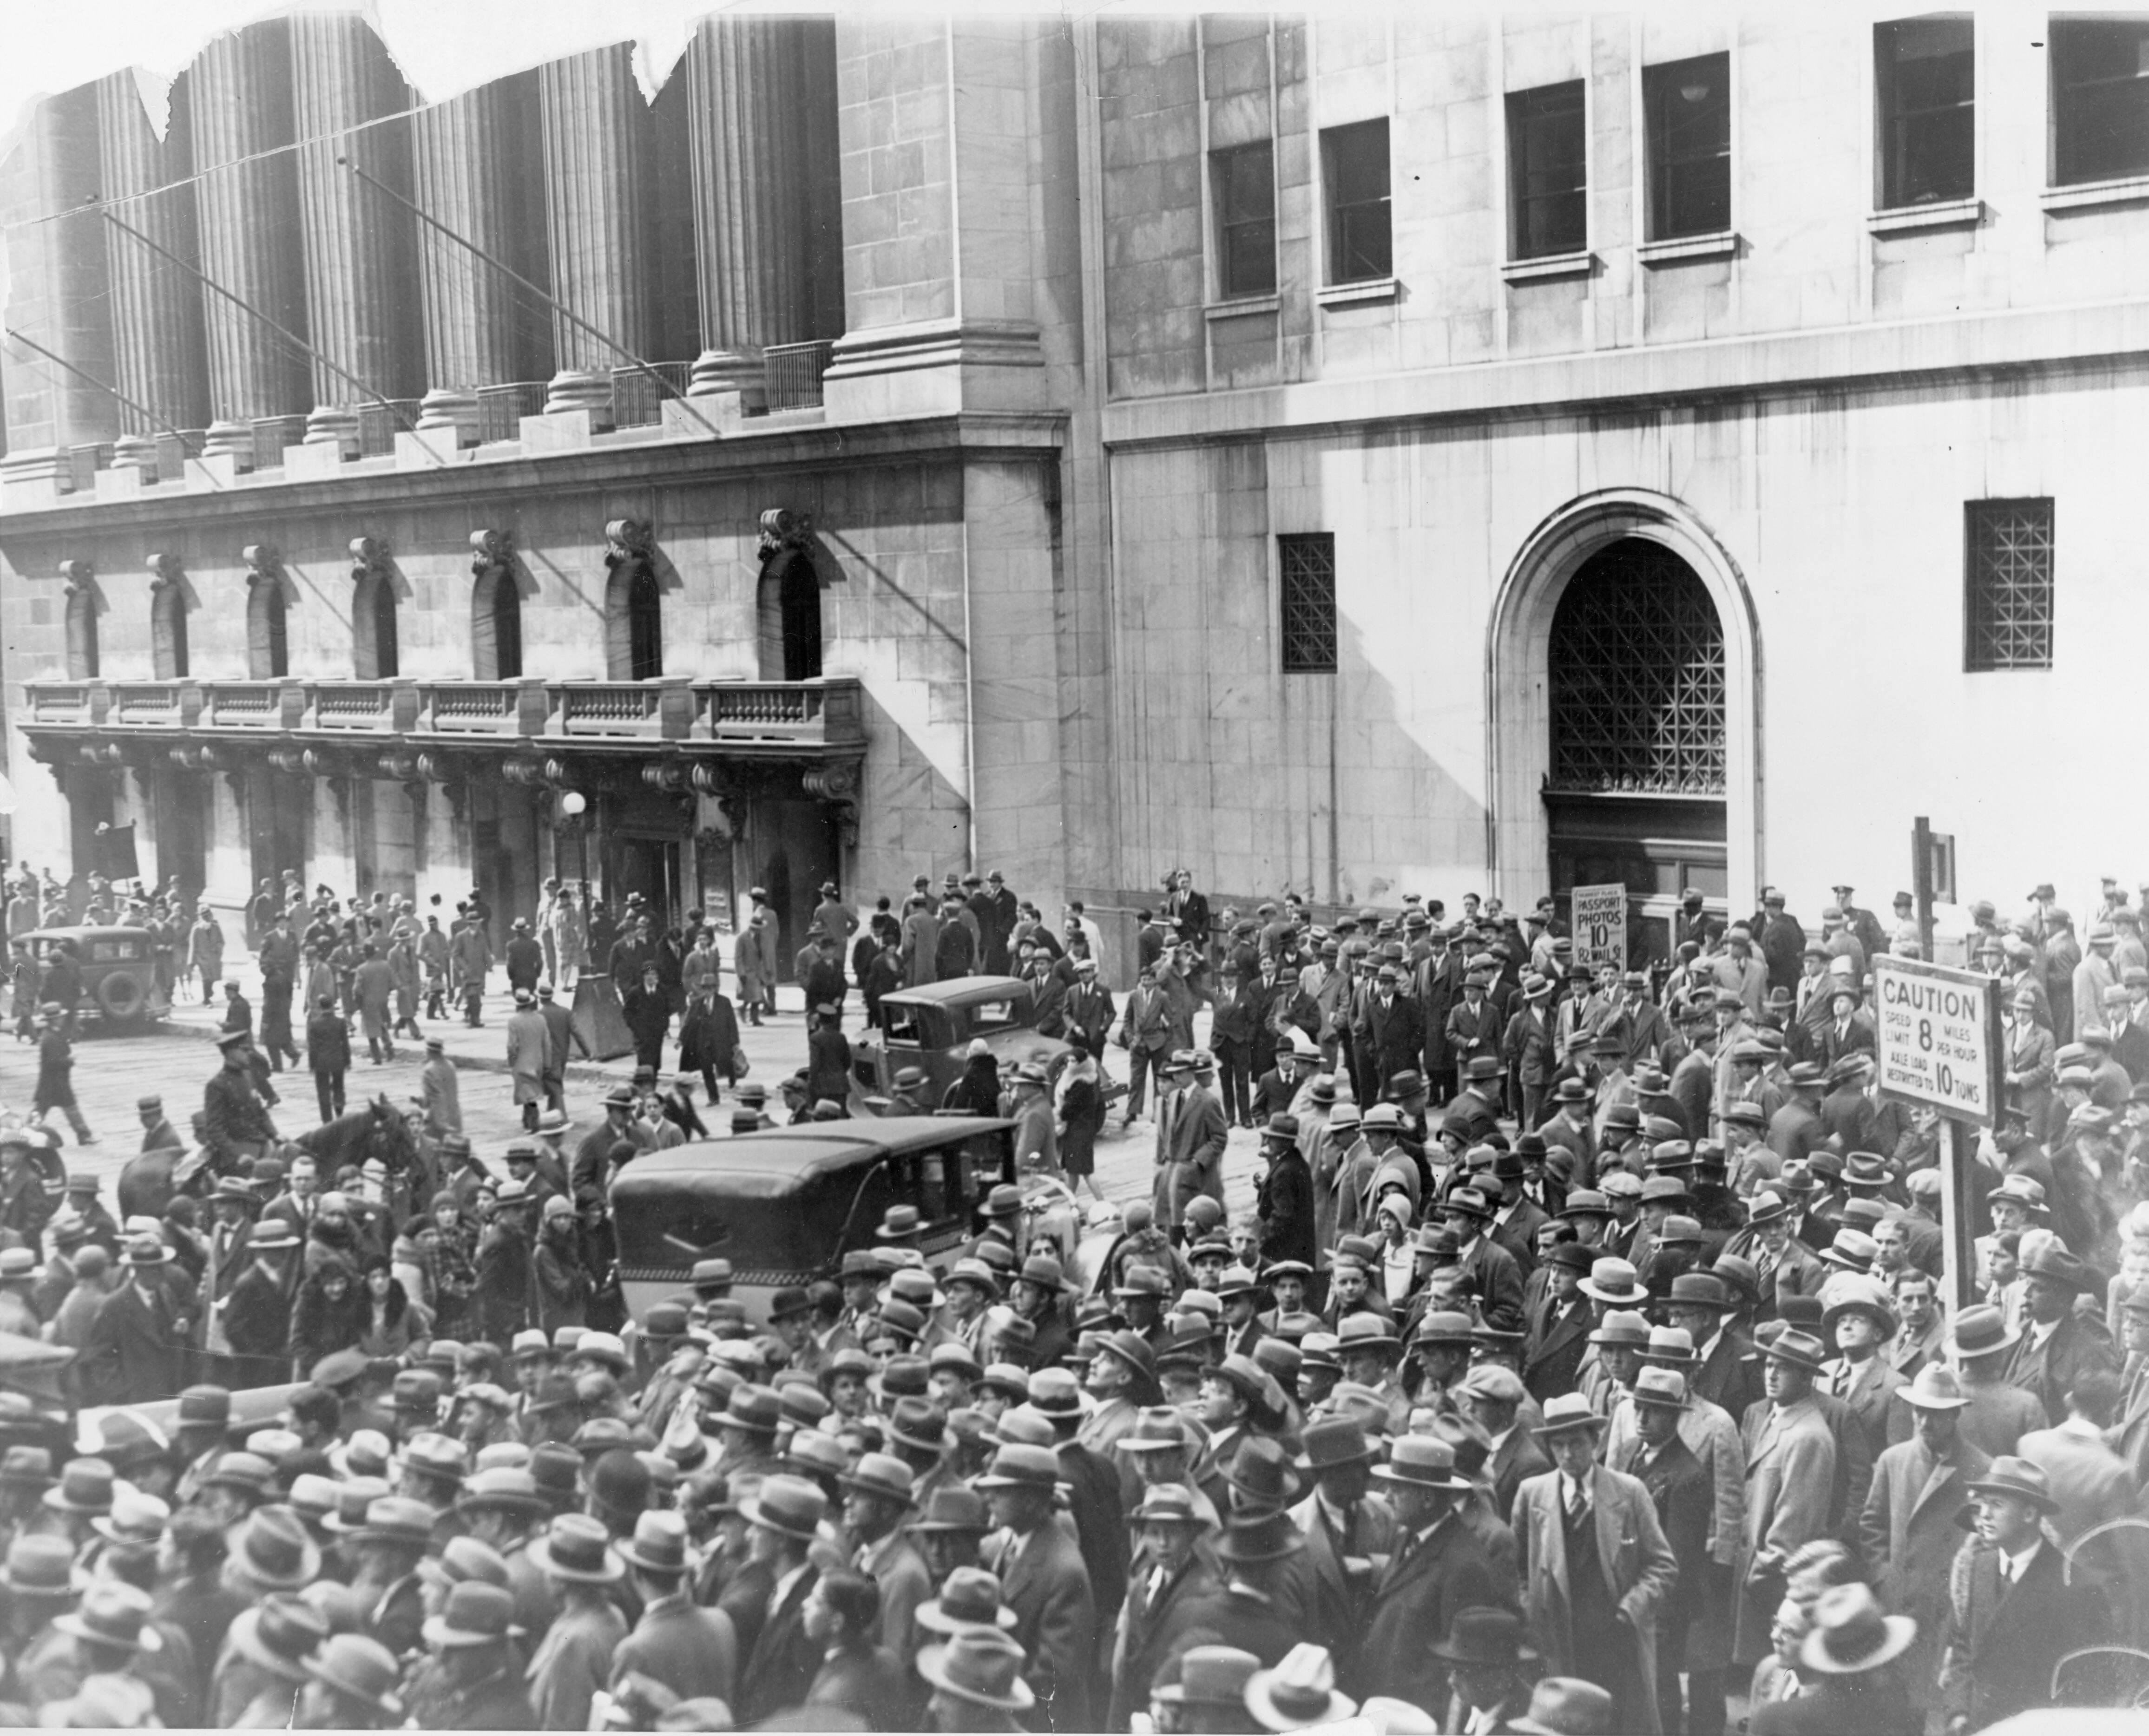 Rahvasumm tuli vaatama 1929. aasta suurt börsikrahhi Foto: Scanpix/imago/Levine-Roberts